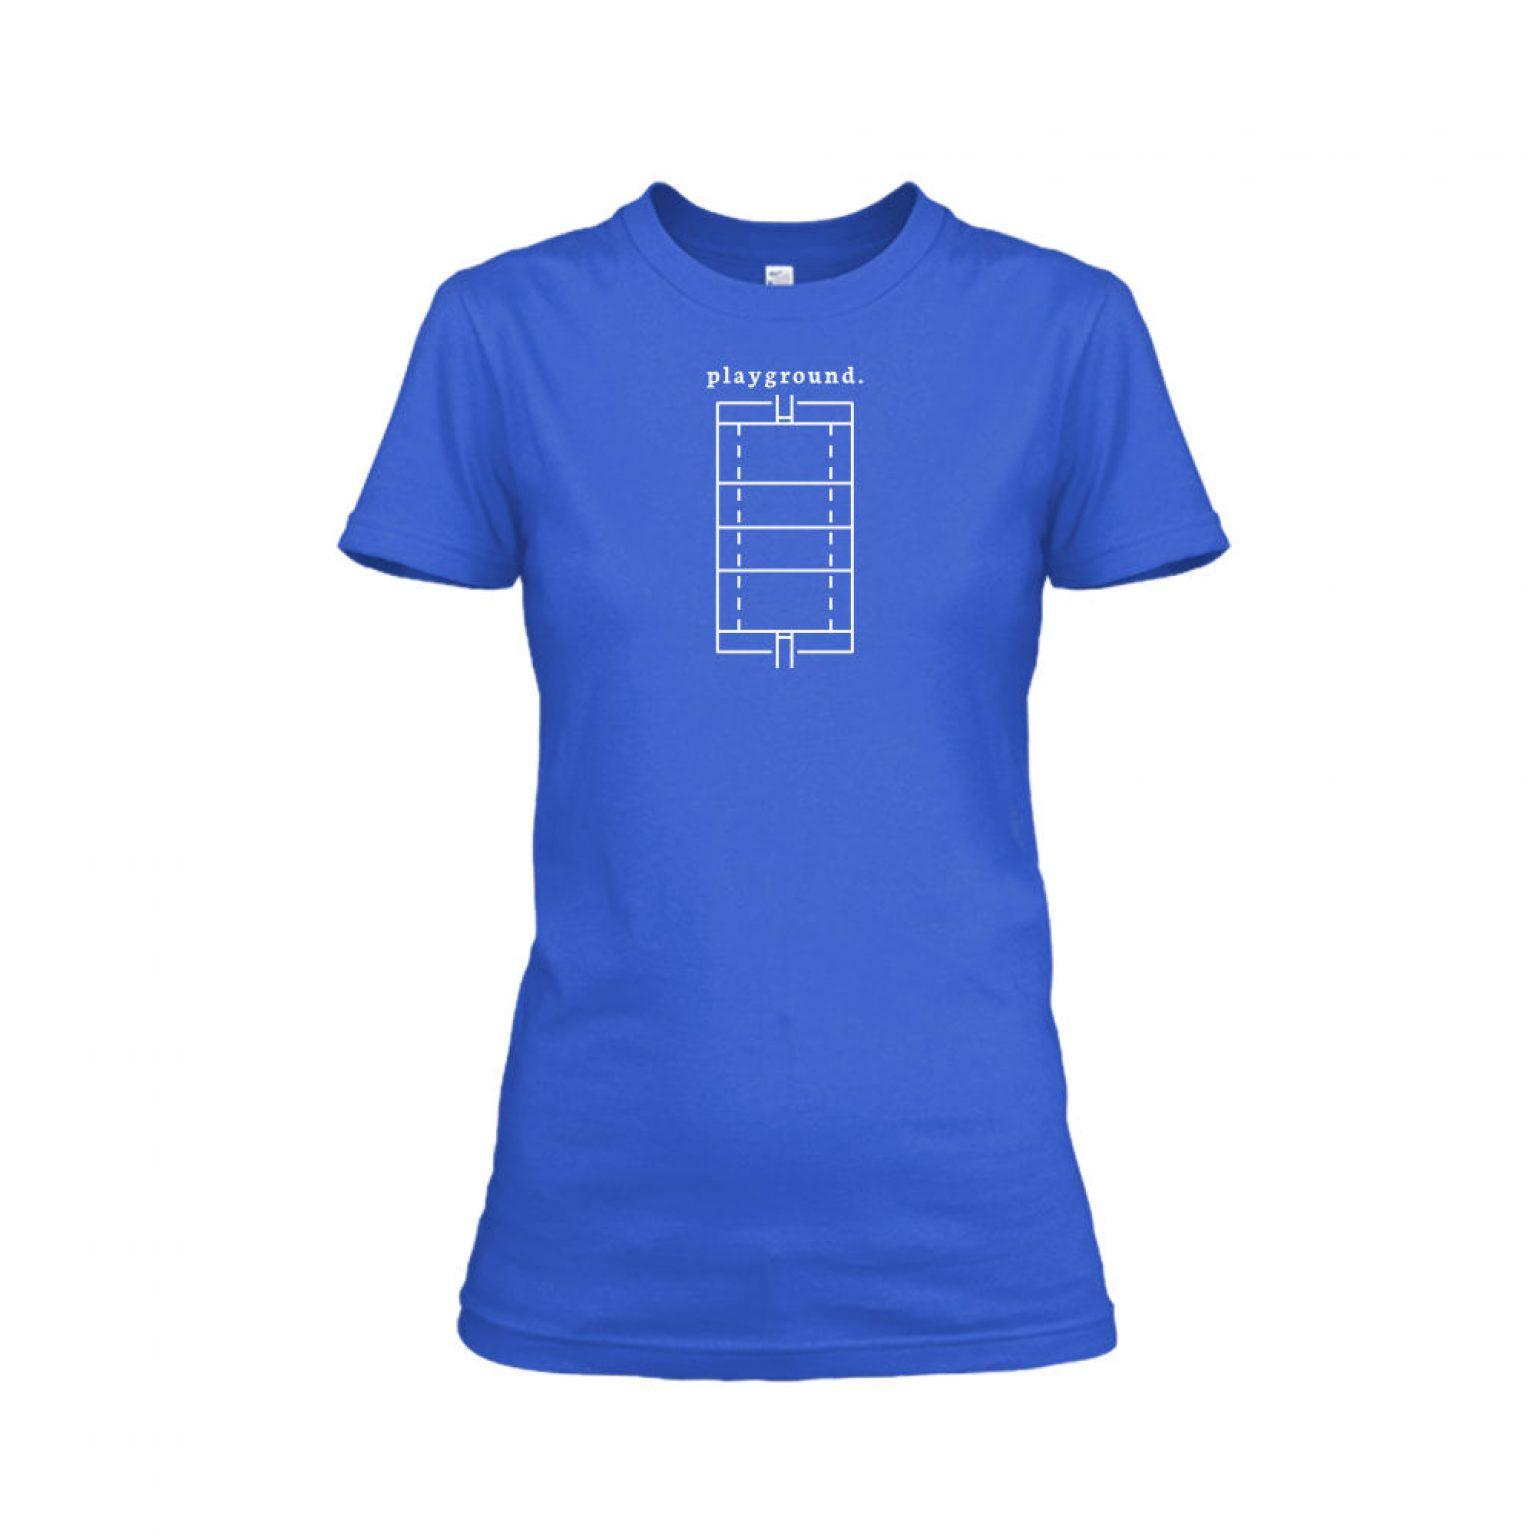 playground shirt damen blau front